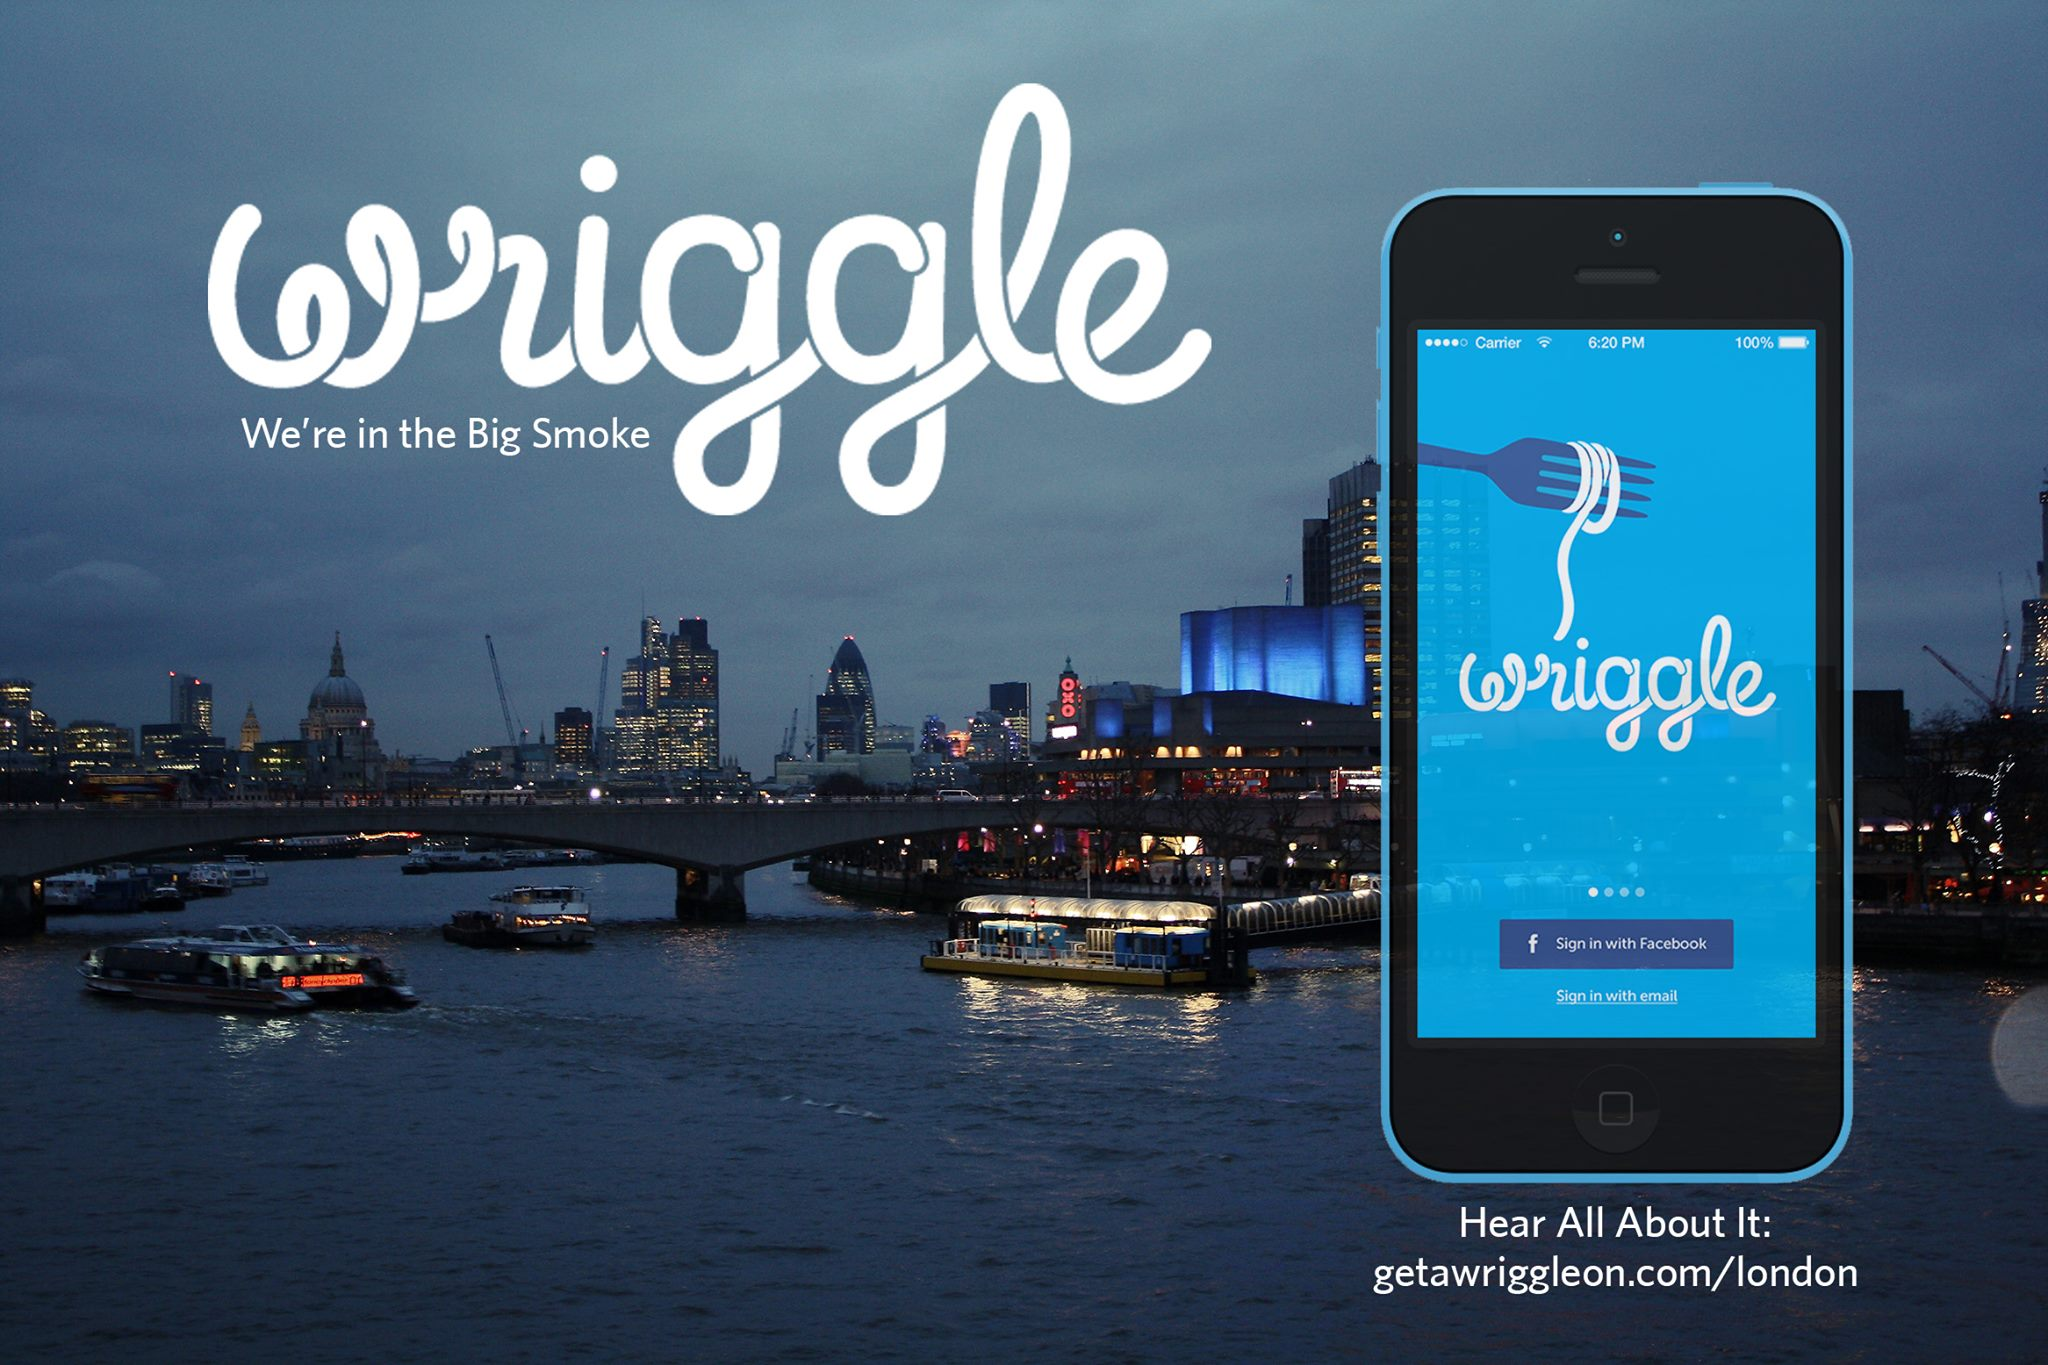 Wriggle permite encontrar ofertas de última hora para comer y beber en Londres. ¡Tráelo a España!